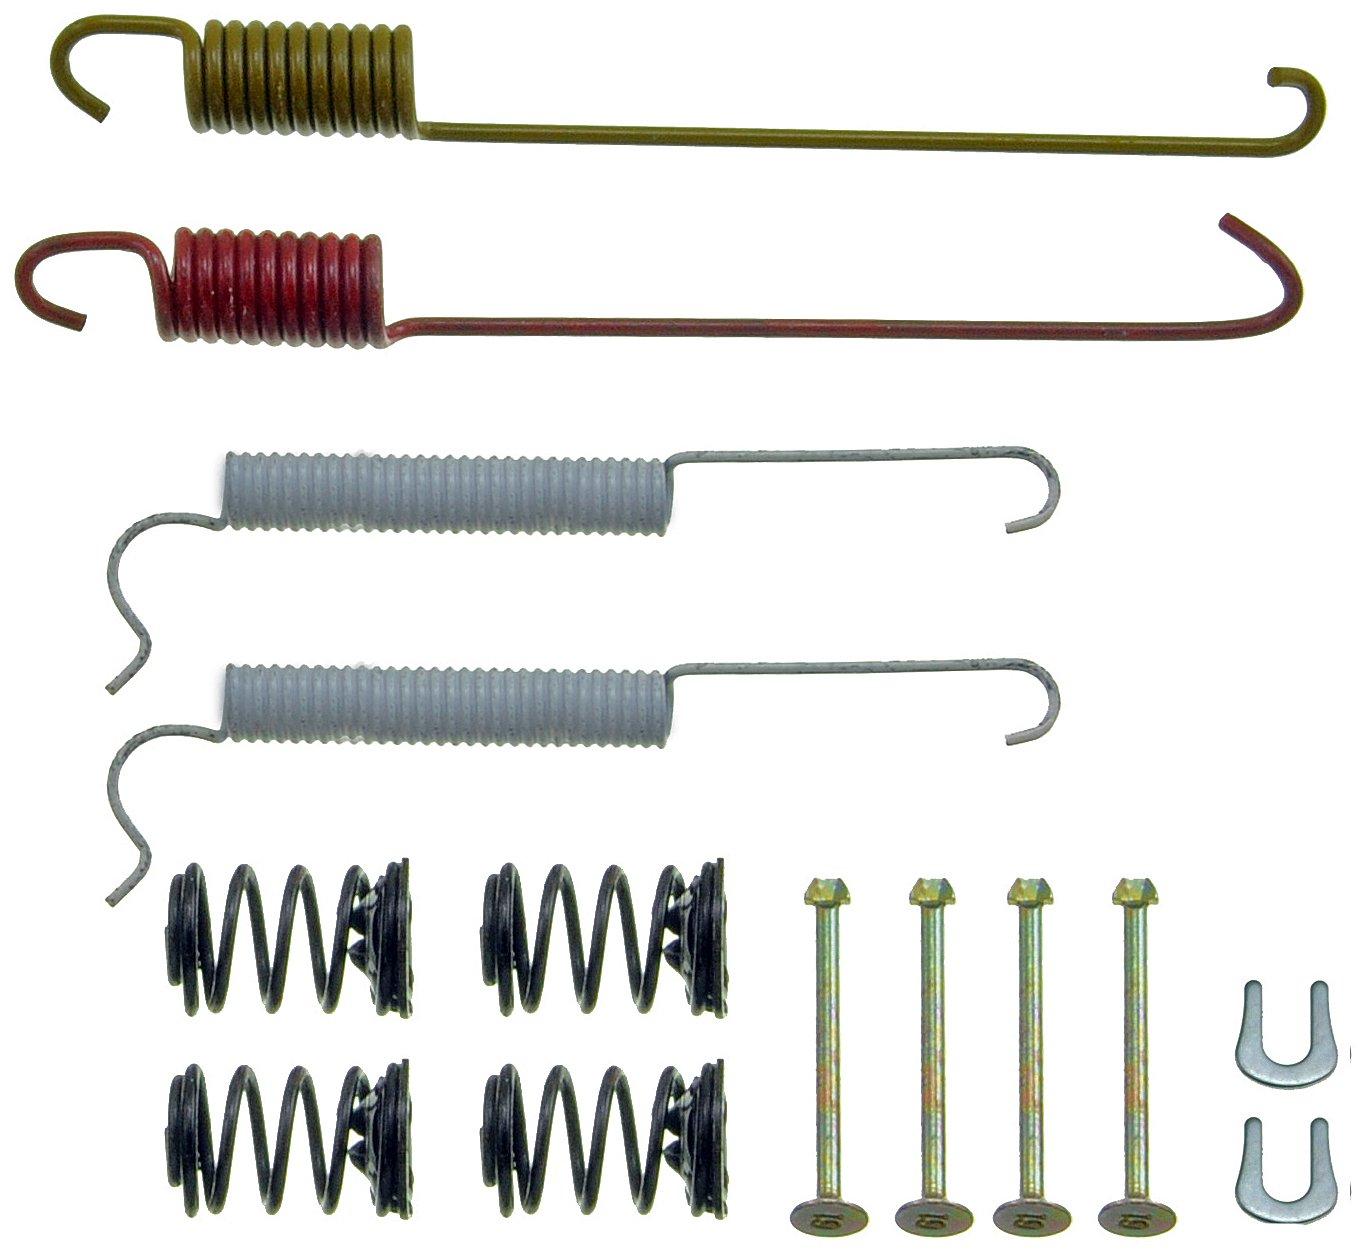 Dorman HW7280 Drum Brake Hardware Kit